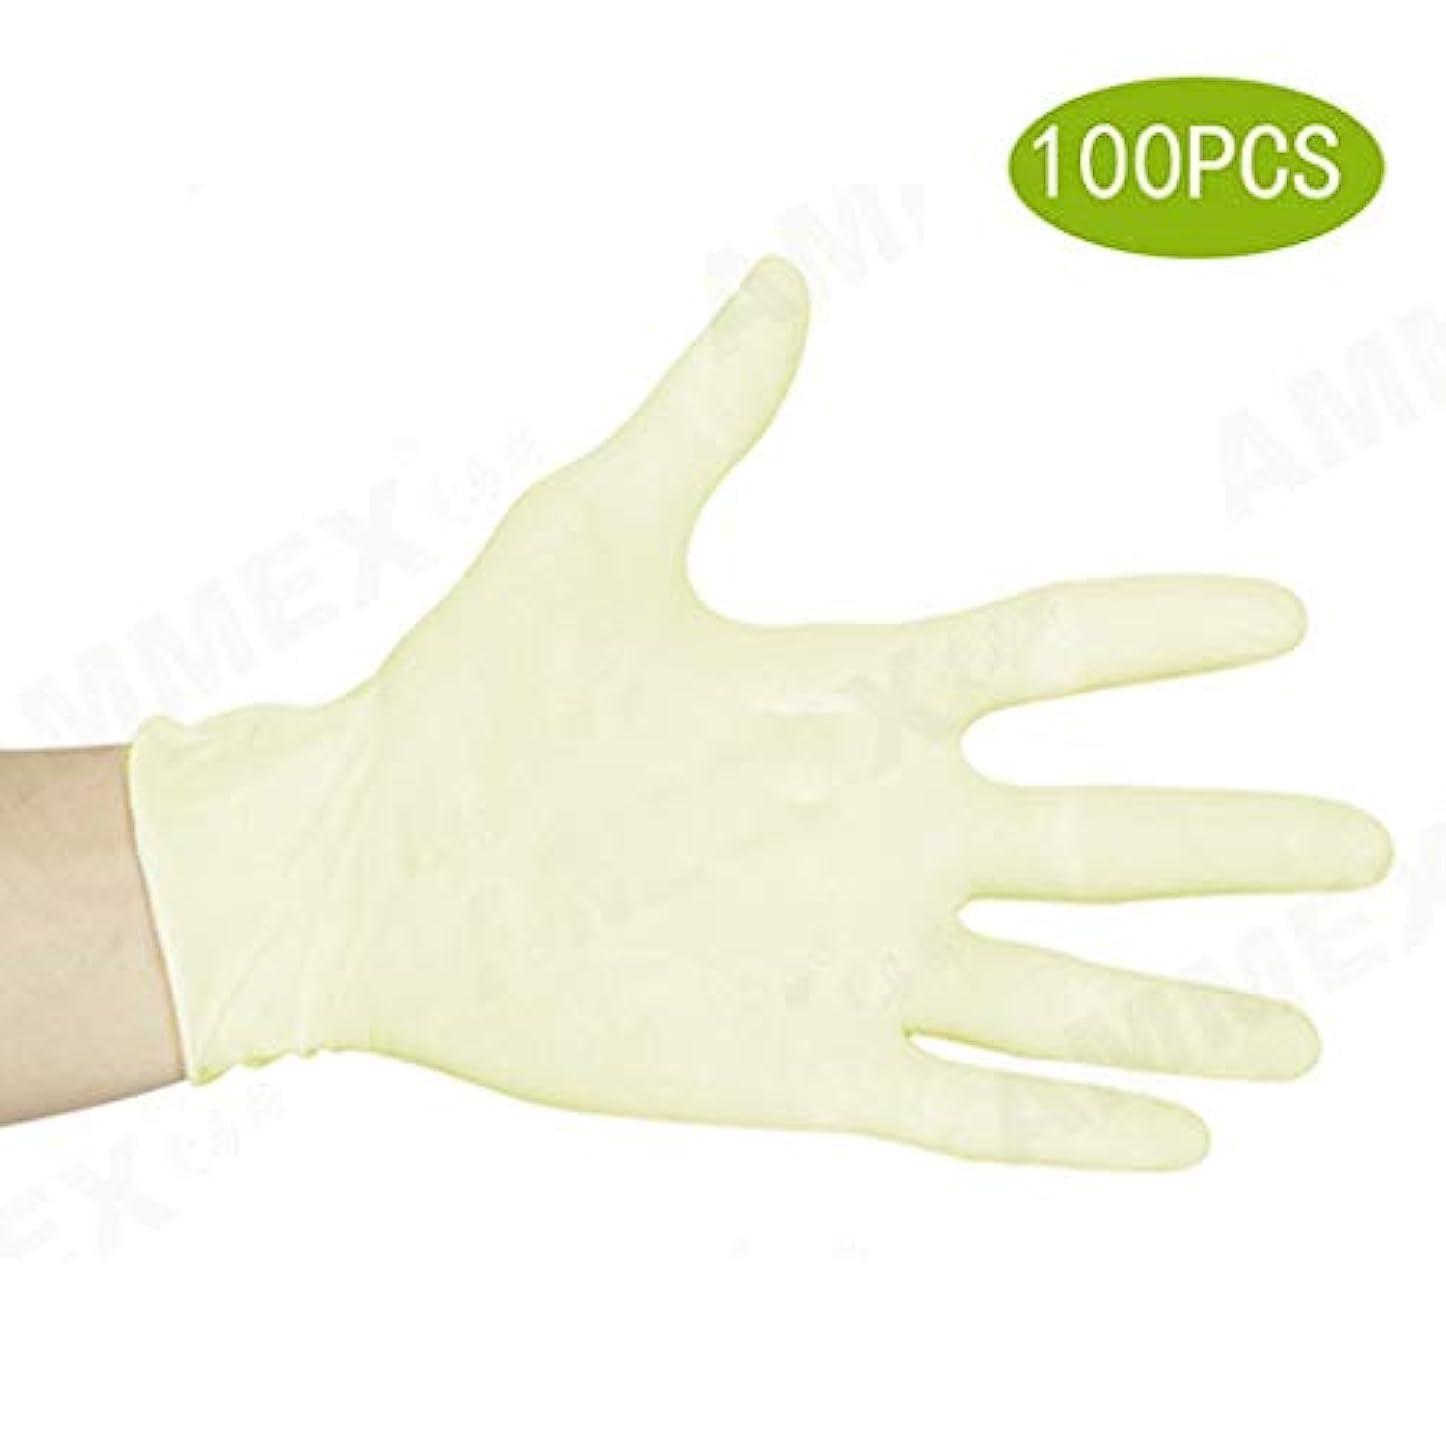 とても多くの想起してはいけないニトリル手袋、パウダーフリー、ラテックスゴムフリー、使い捨て手袋 - 非滅菌、食品安全、医療用グレード、100の便利なディスペンサーパック、ビニール手袋(エクストラストレングス) (Color : Latex Gloves...